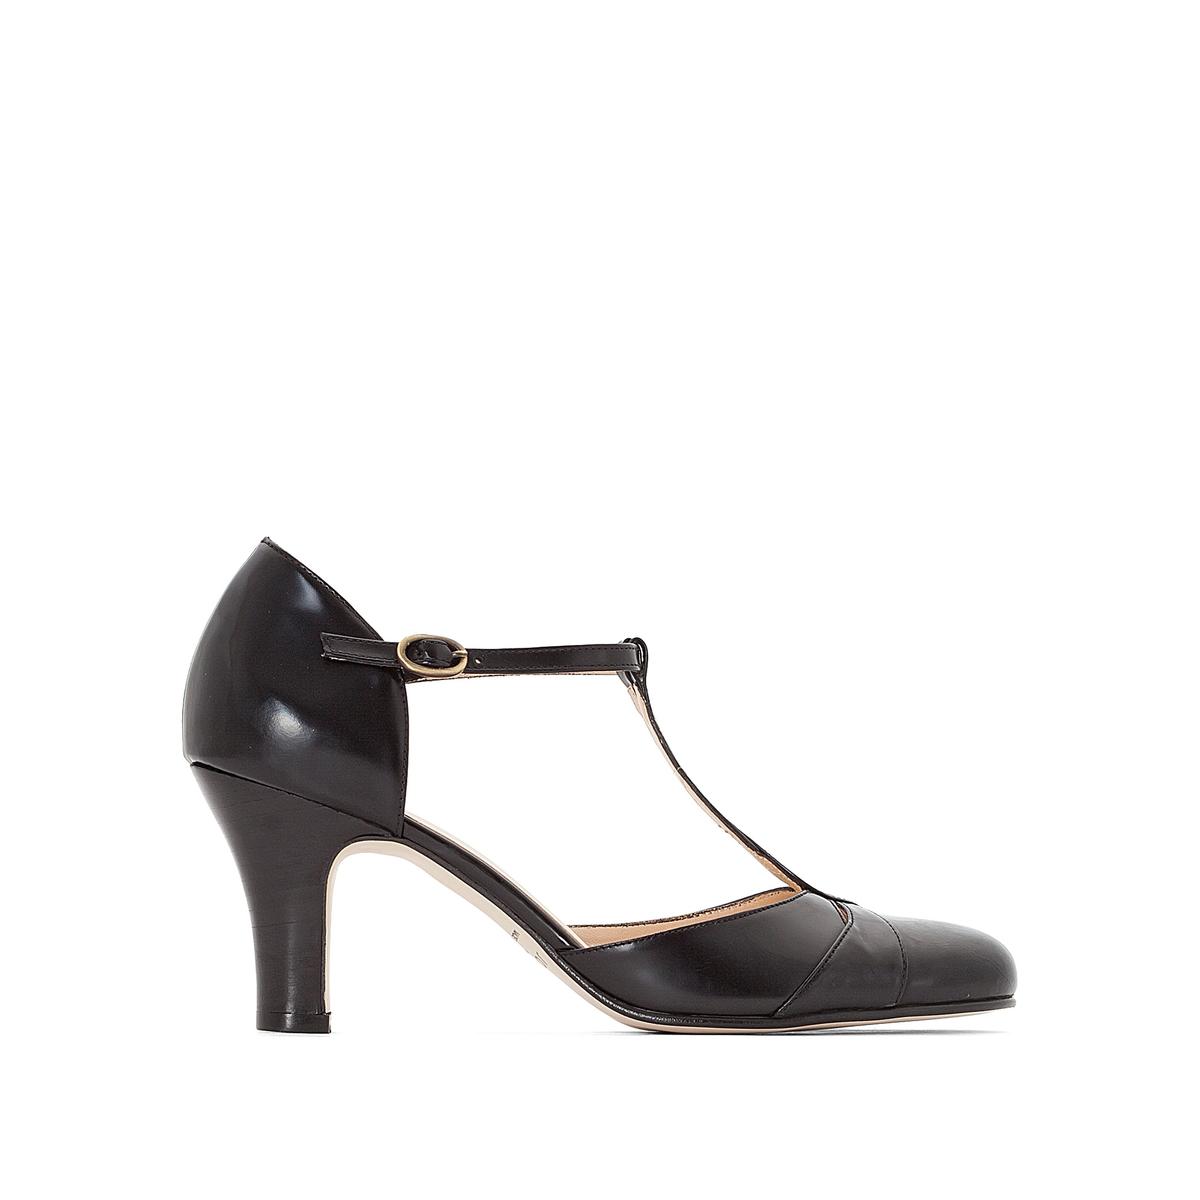 Туфли кожаные 11076Верх : Кожа   Подкладка : Кожа   Стелька : Кожа   Подошва : эластомер   Высота каблука : 5 см   Форма каблука : тонкий каблук   Мысок : закругленный   Застежка : Пряжка<br><br>Цвет: черный<br>Размер: 36